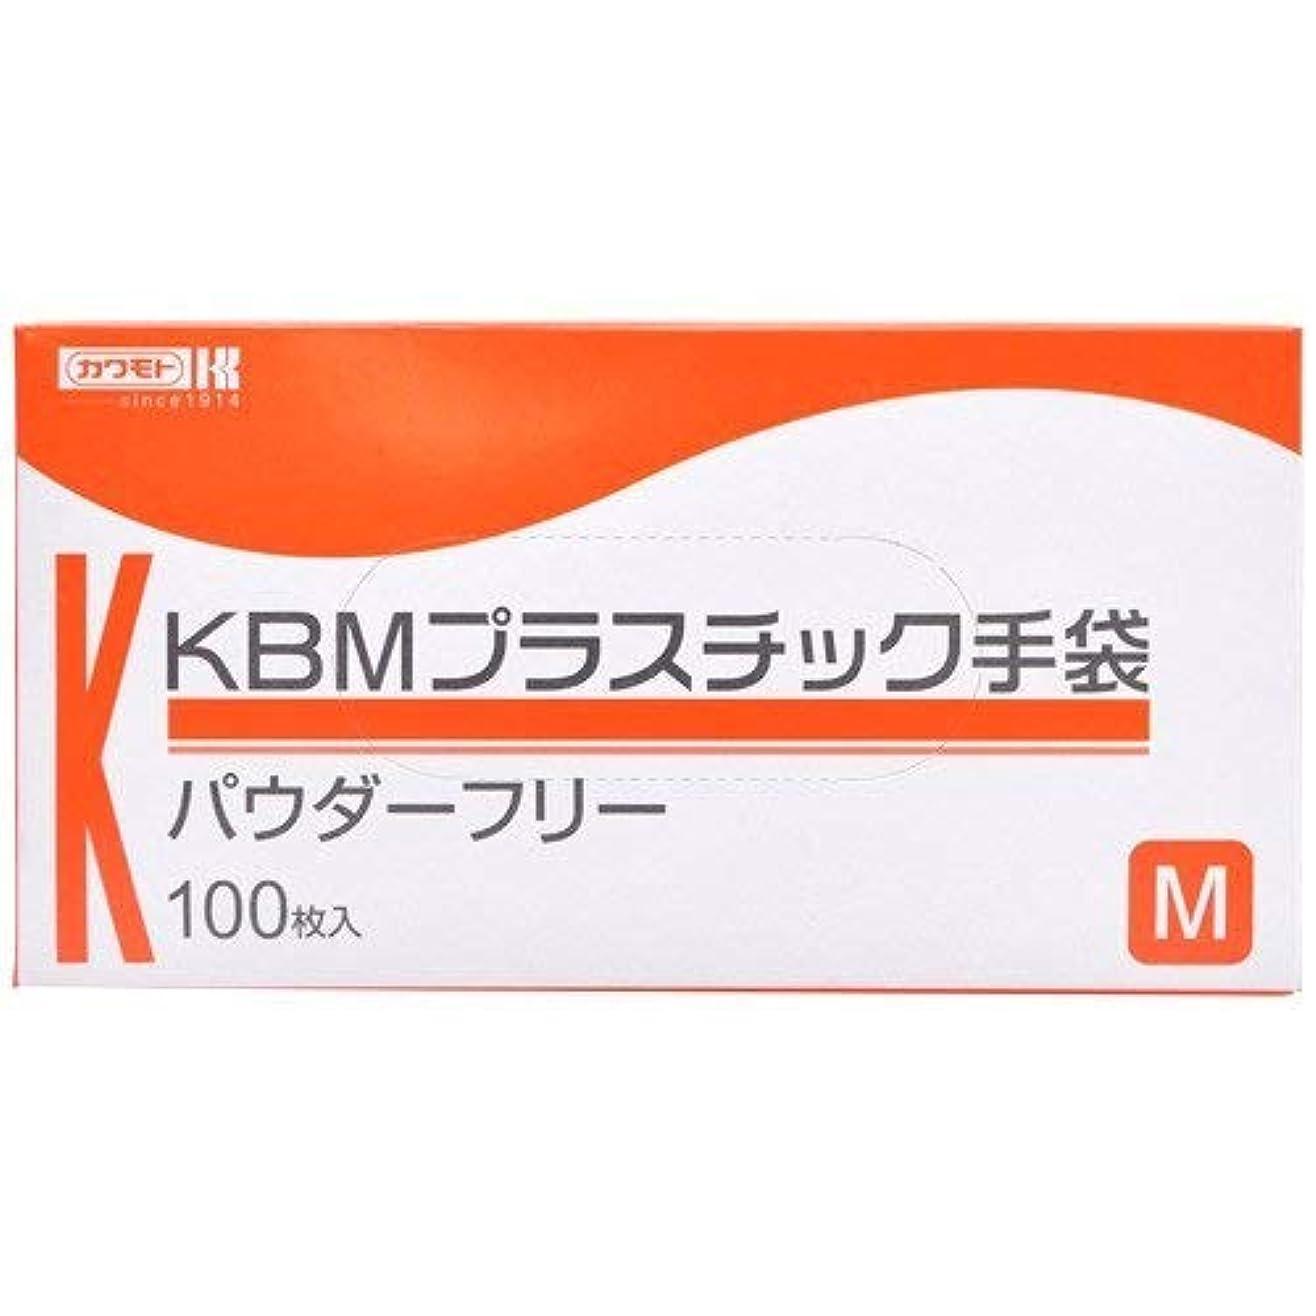 賃金お母さんタクト川本産業 KBMプラスチック手袋 パウダーフリー M 100枚入 ×2個